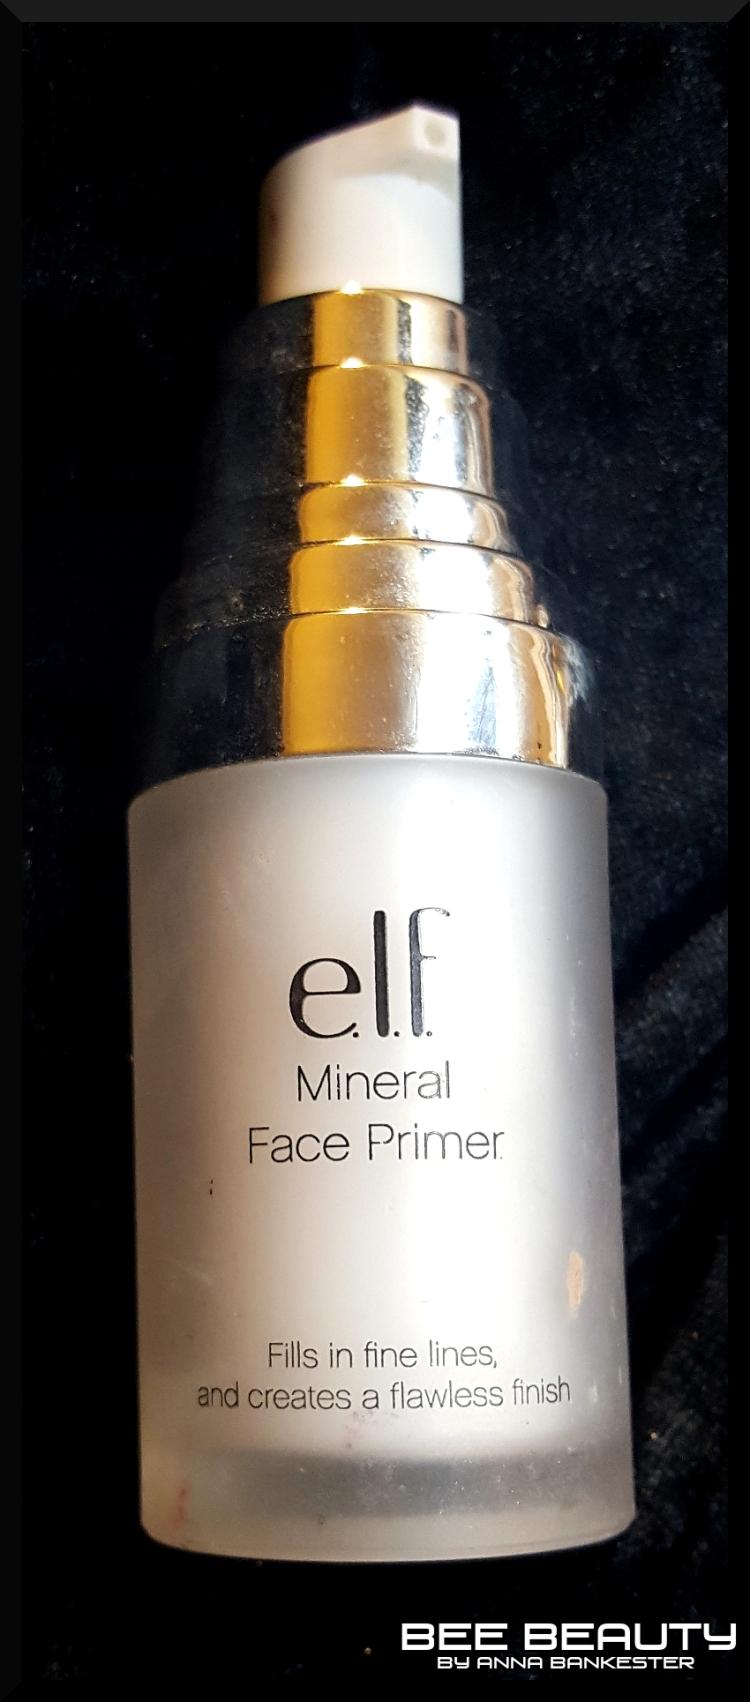 ELF Mineral Face Primer